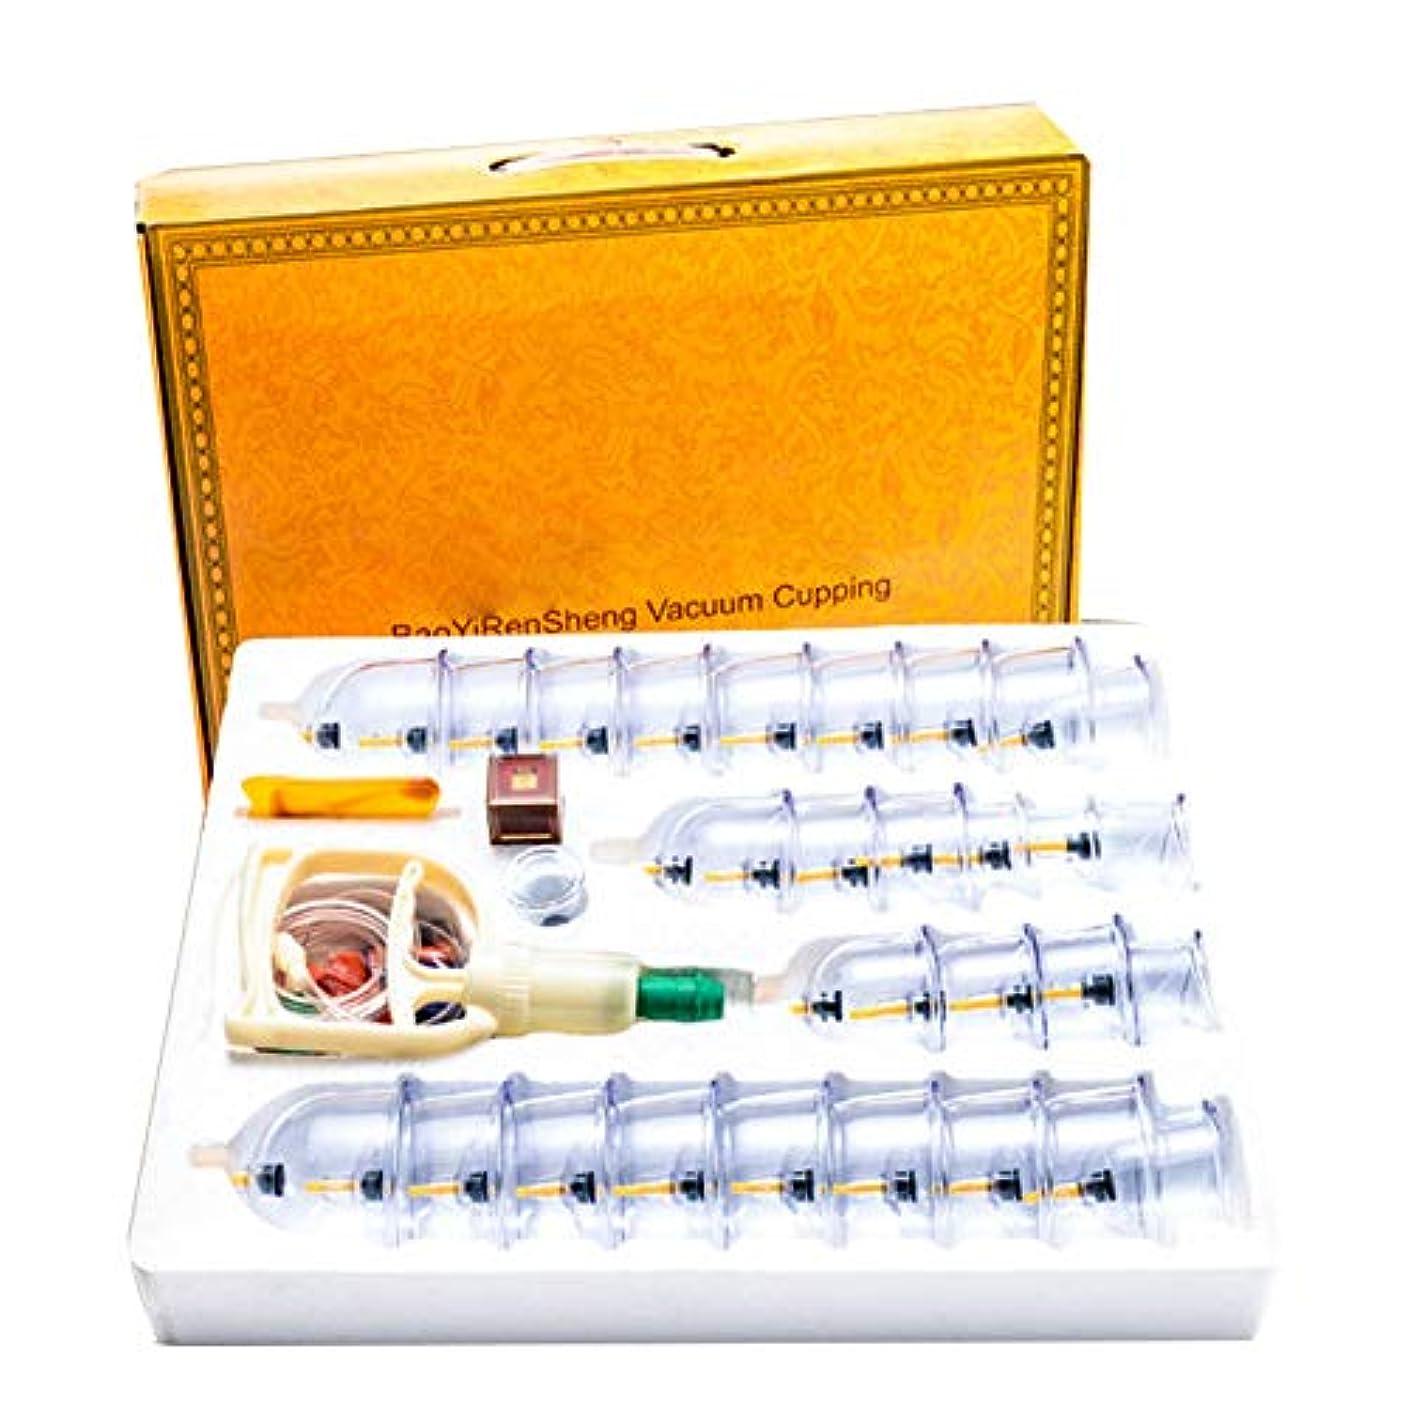 一元化する更新する合法30カップマッサージカッピングセット、真空吸引磁気ポンププロフェッショナル、ボディマッサージの痛みを軽減する理学療法ポンプガン延長チューブで毒素を排出